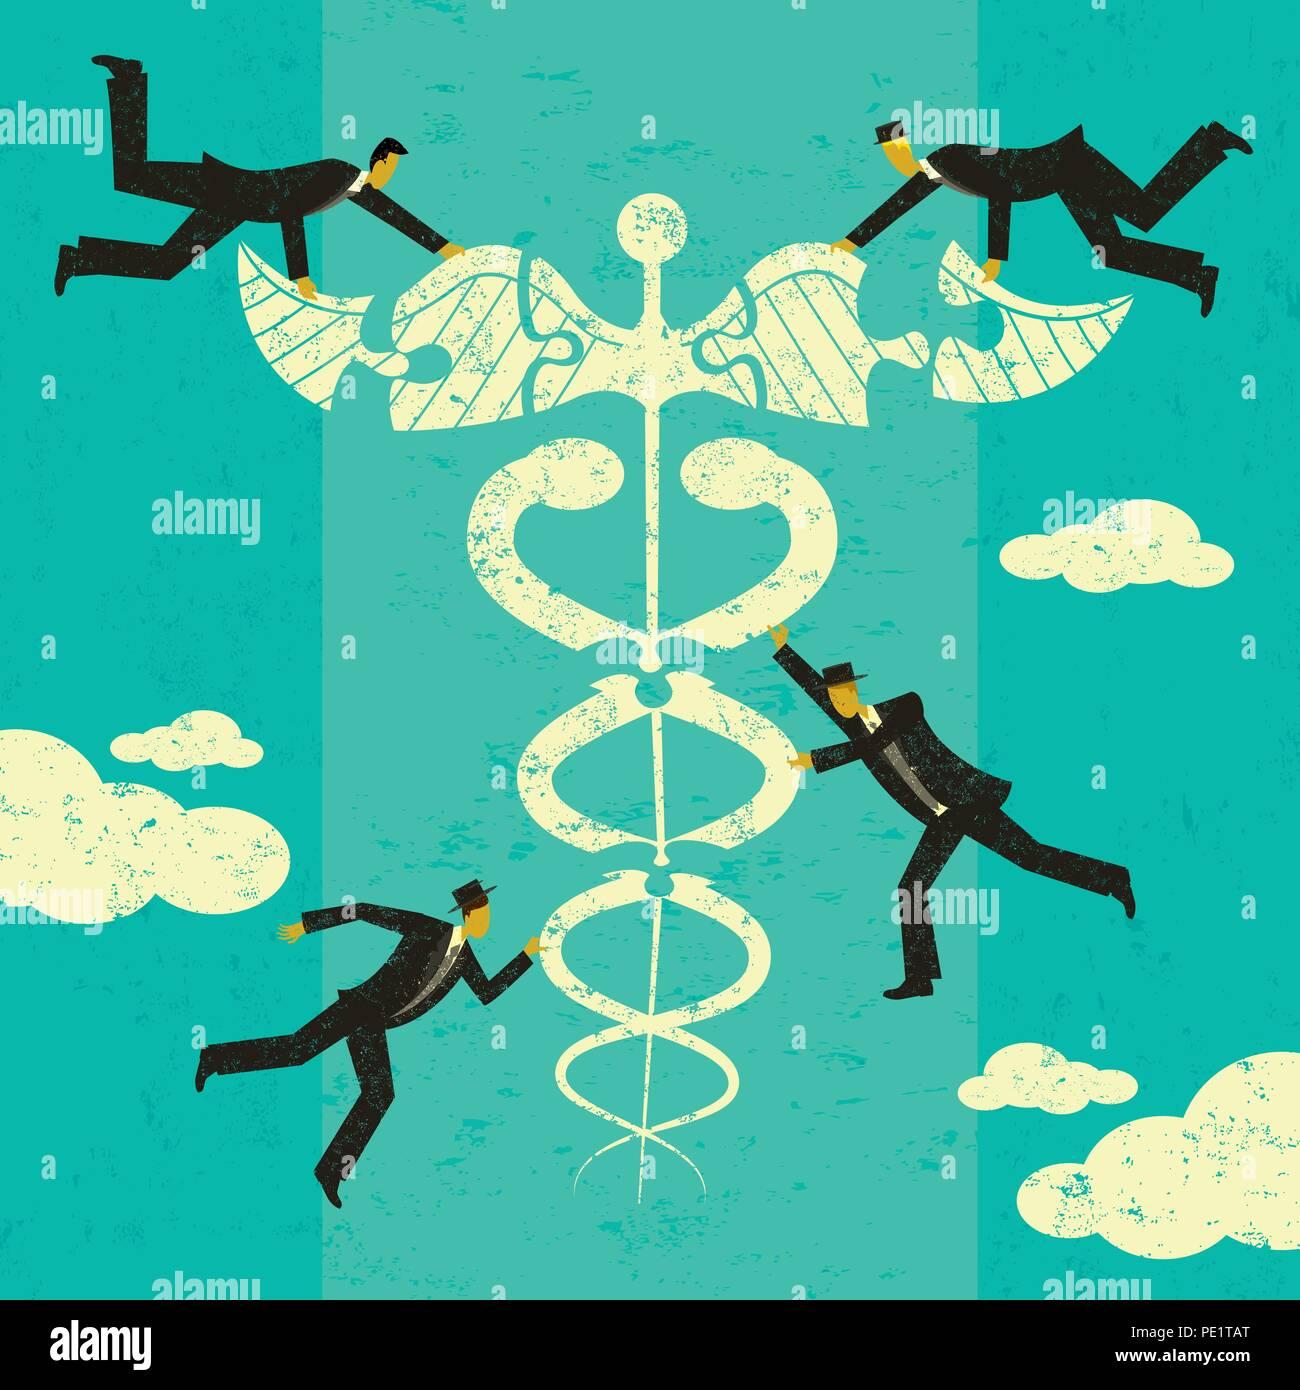 Soluciones a los problemas de salud. Un grupo de hombres poniendo las piezas de un rompecabezas juntos para encontrar soluciones para el sector sanitario. Imagen De Stock